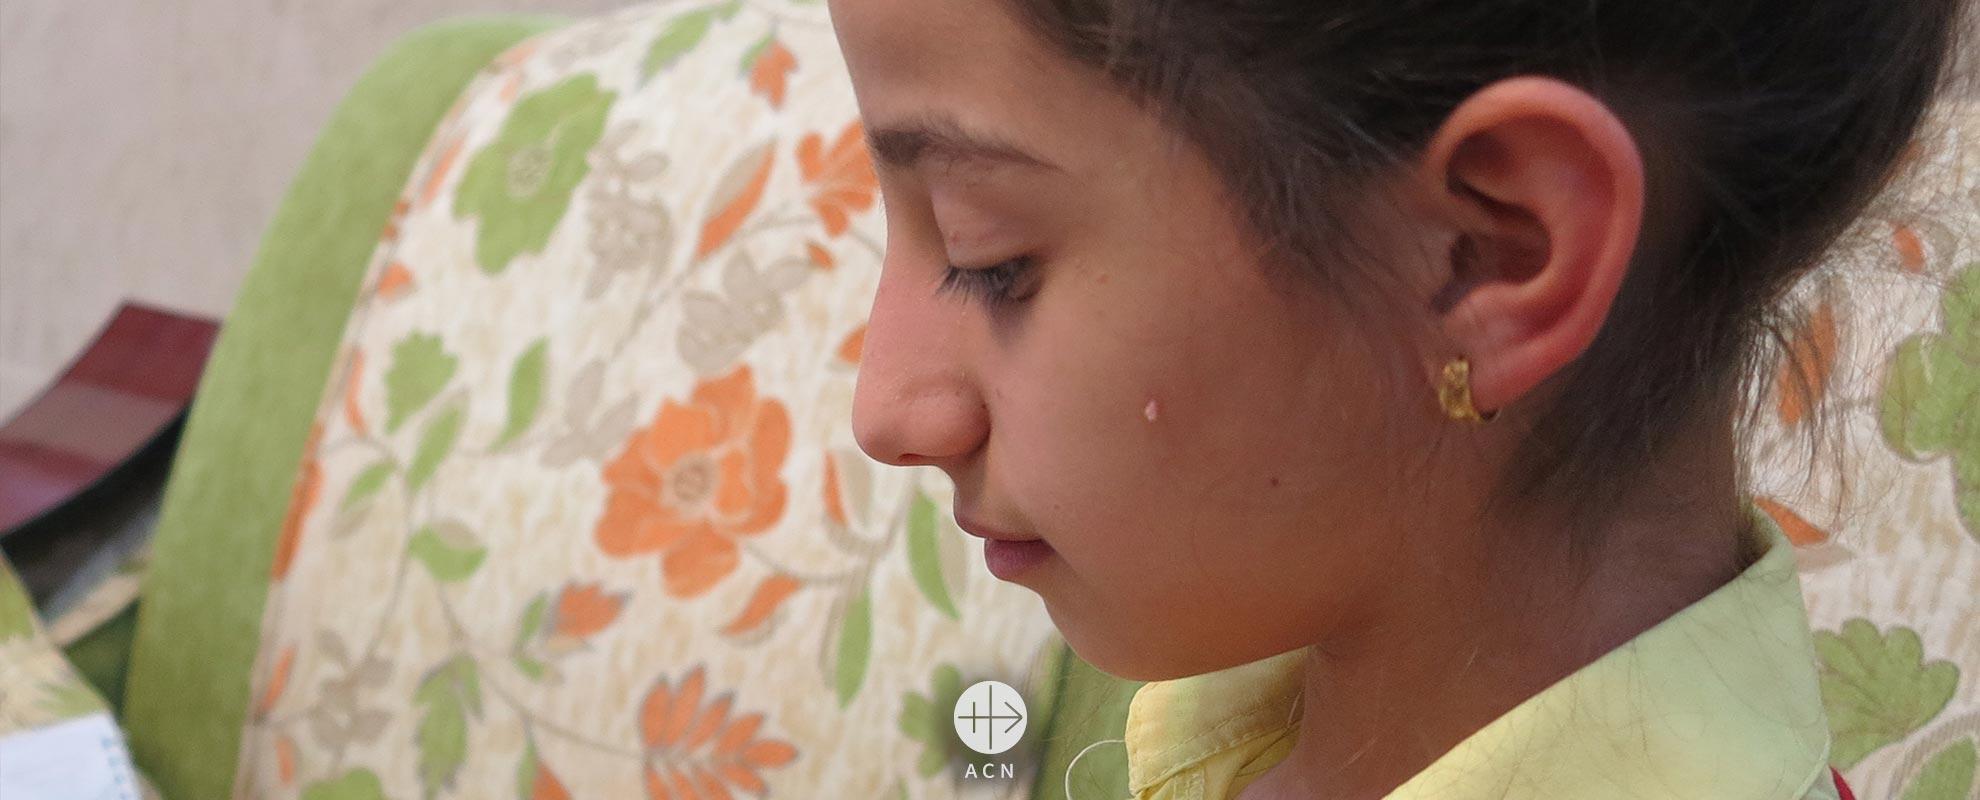 En la llanura de Nínive en Iraq, una niña se atreve a soñar